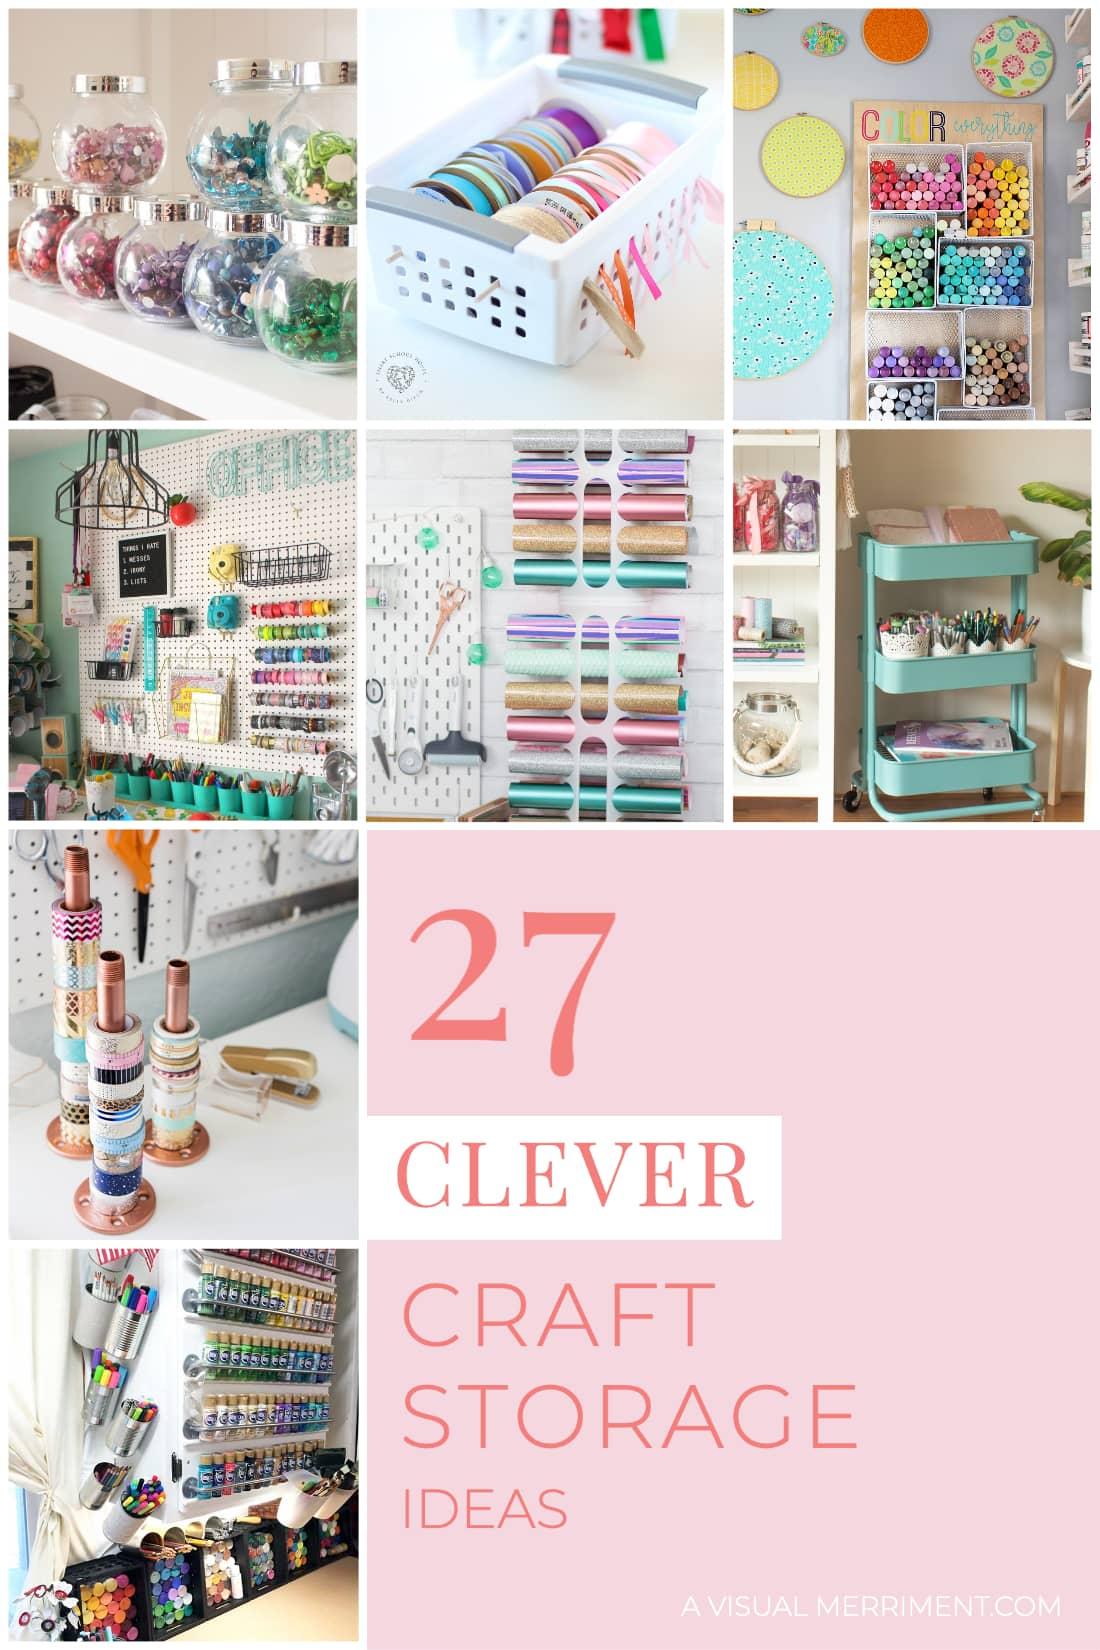 clever craft storage ideas round up